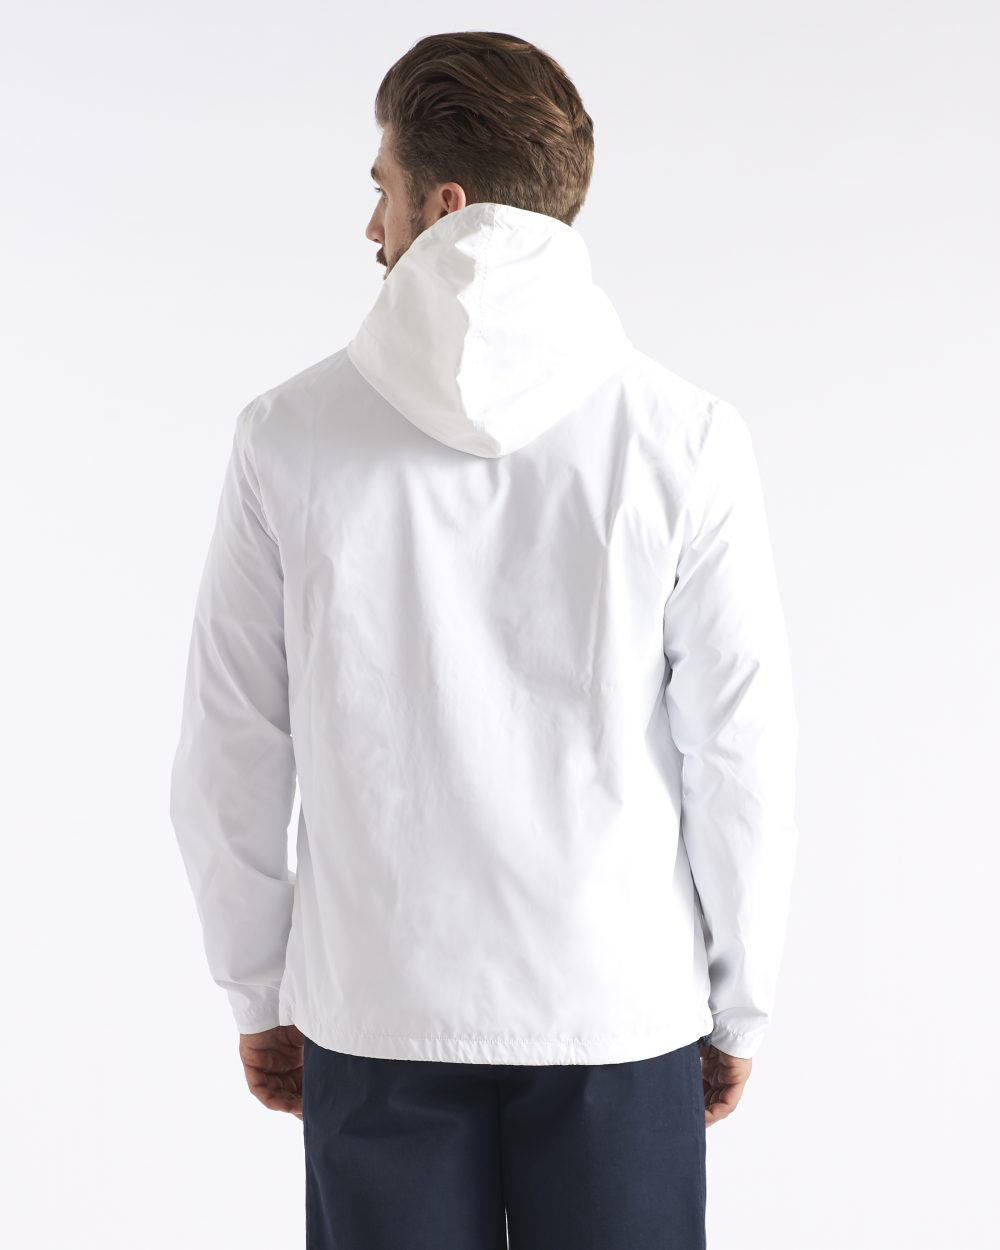 Miesten valkoinen hupullinen takki takaapäin